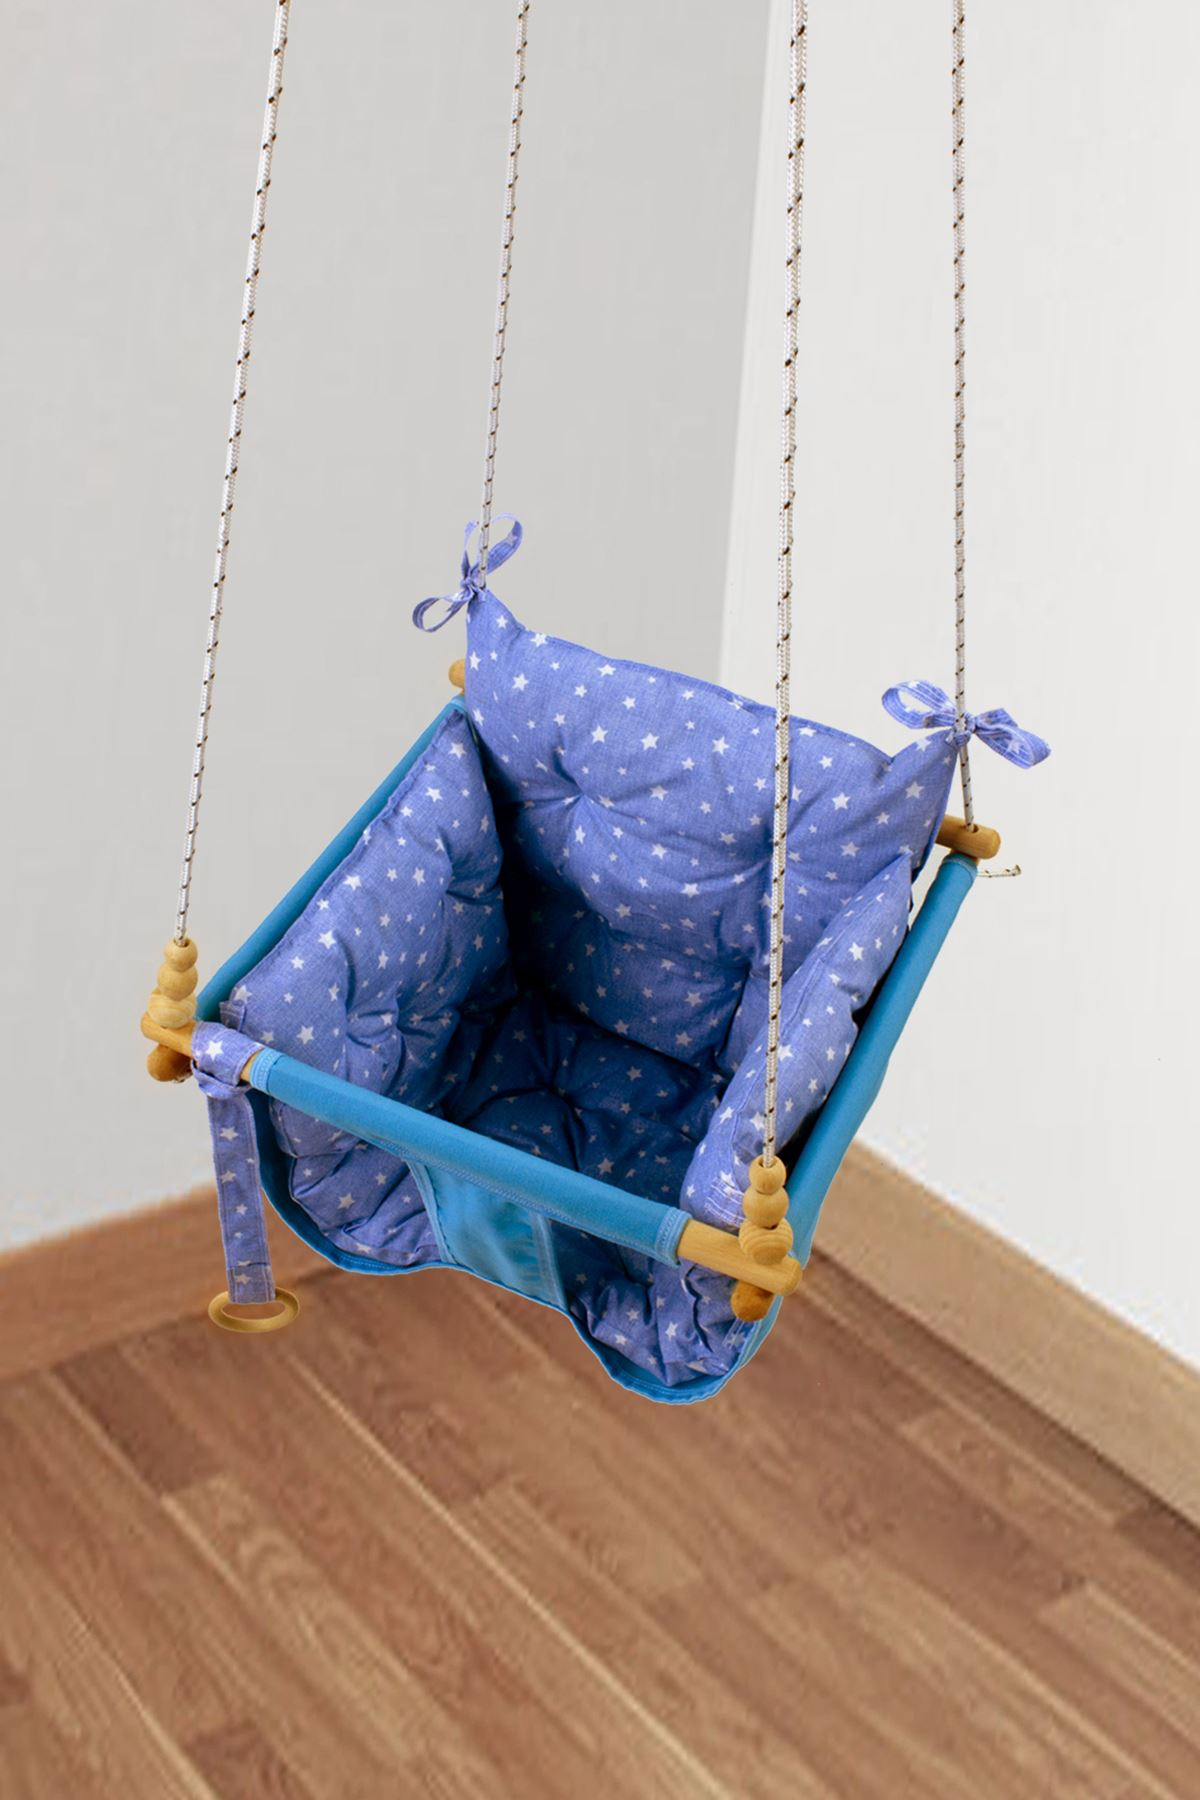 Mavi Wag Swing Çocuk Ahşap Salıncak Bebek Hamak Bahçe Salıcağı